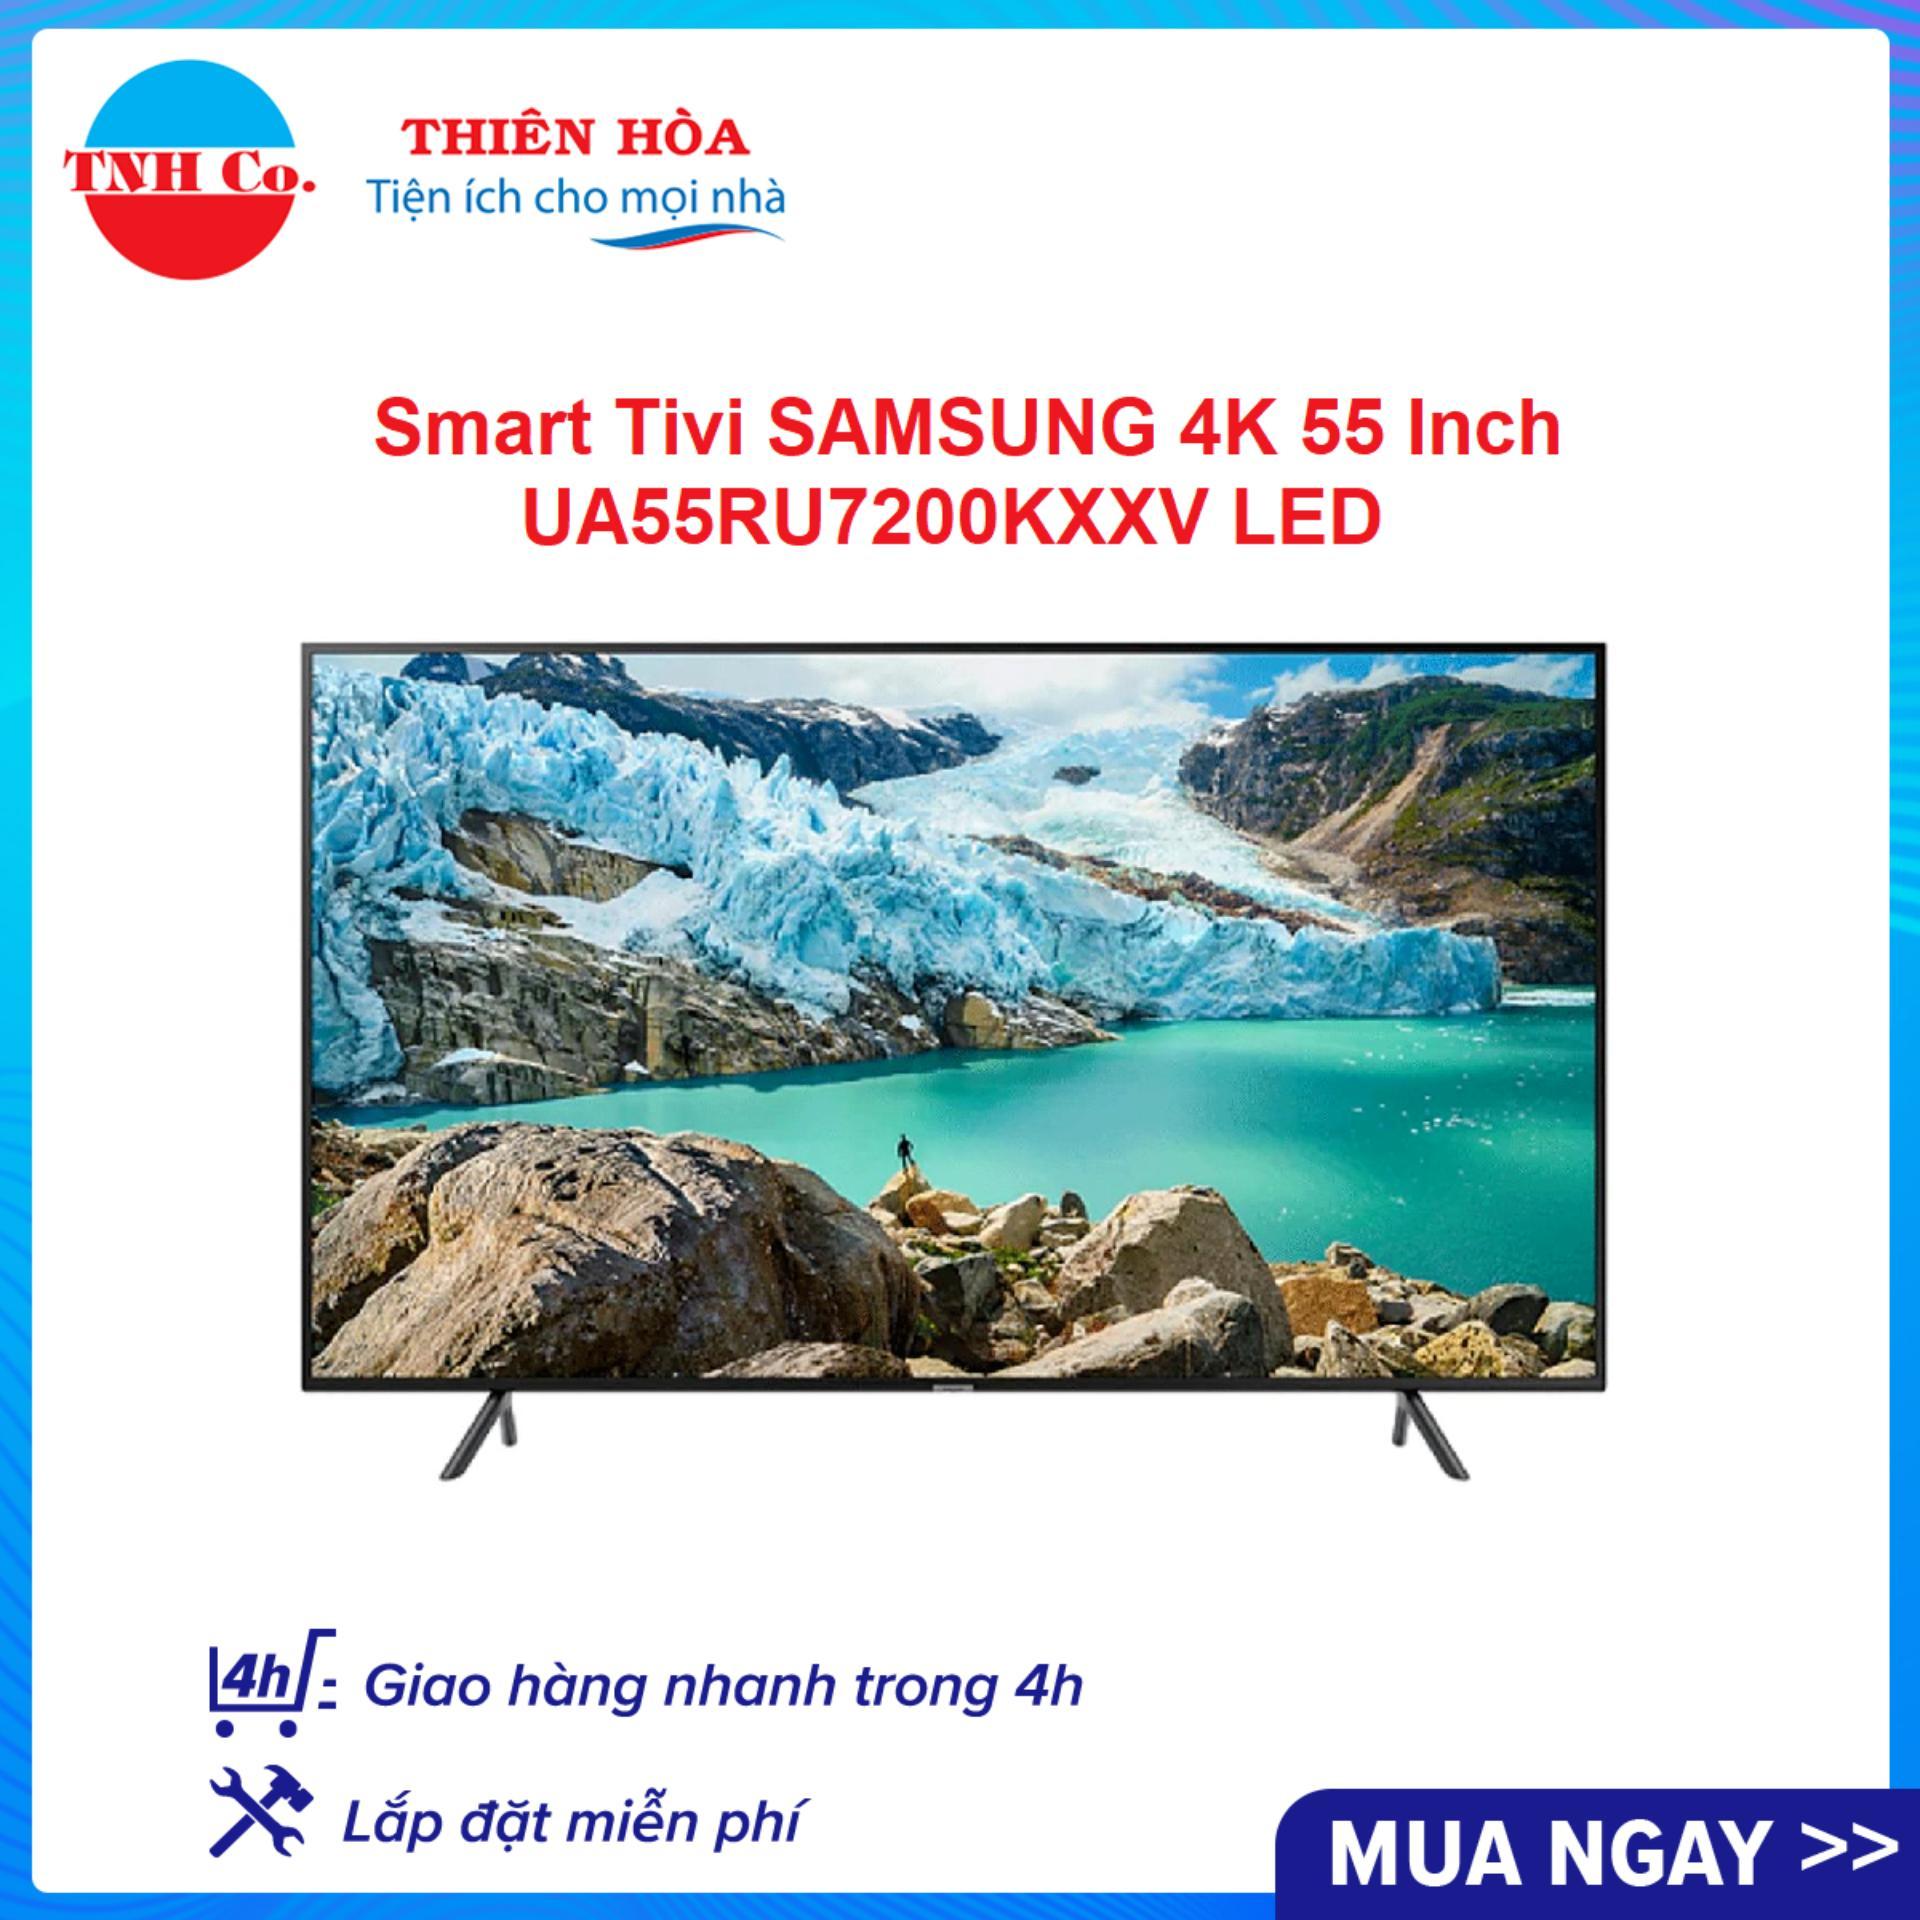 Smart Tivi SAMSUNG 4K UHD 55 Inch UA55RU7200KXXV LED (Đen) kết nối Internet Wifi - Bảo hành 2 năm